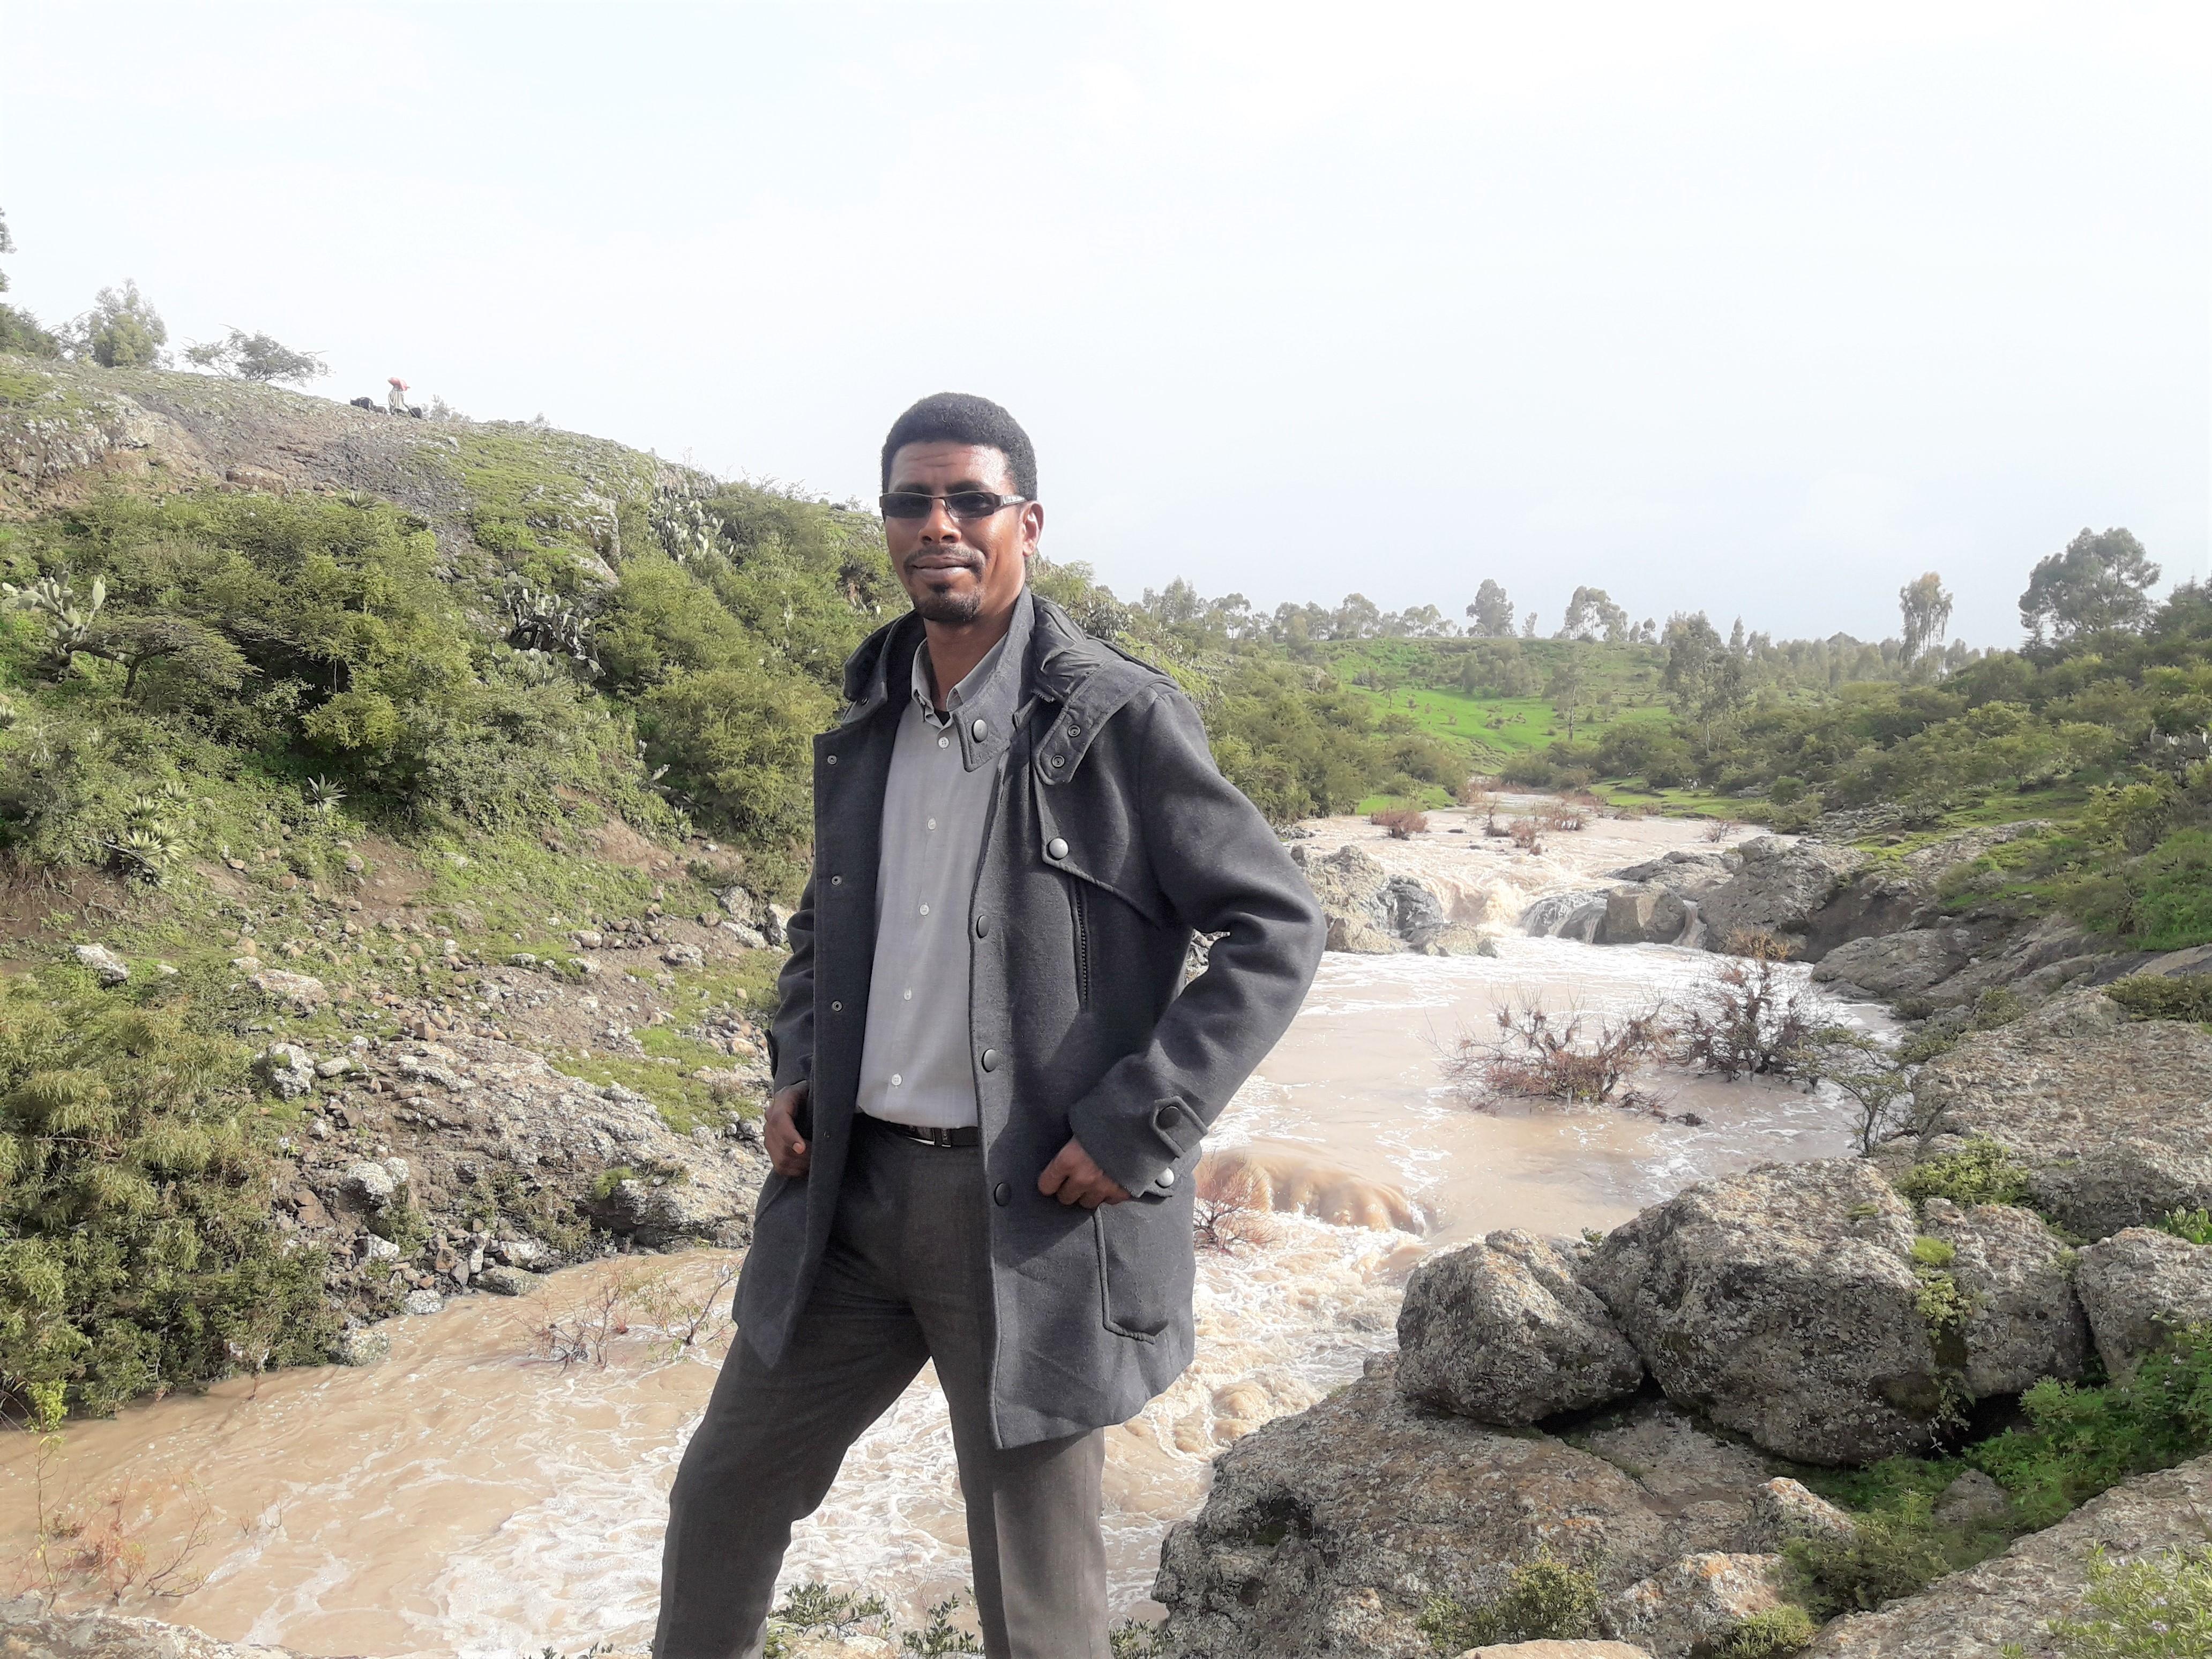 Khalid Hassaballah